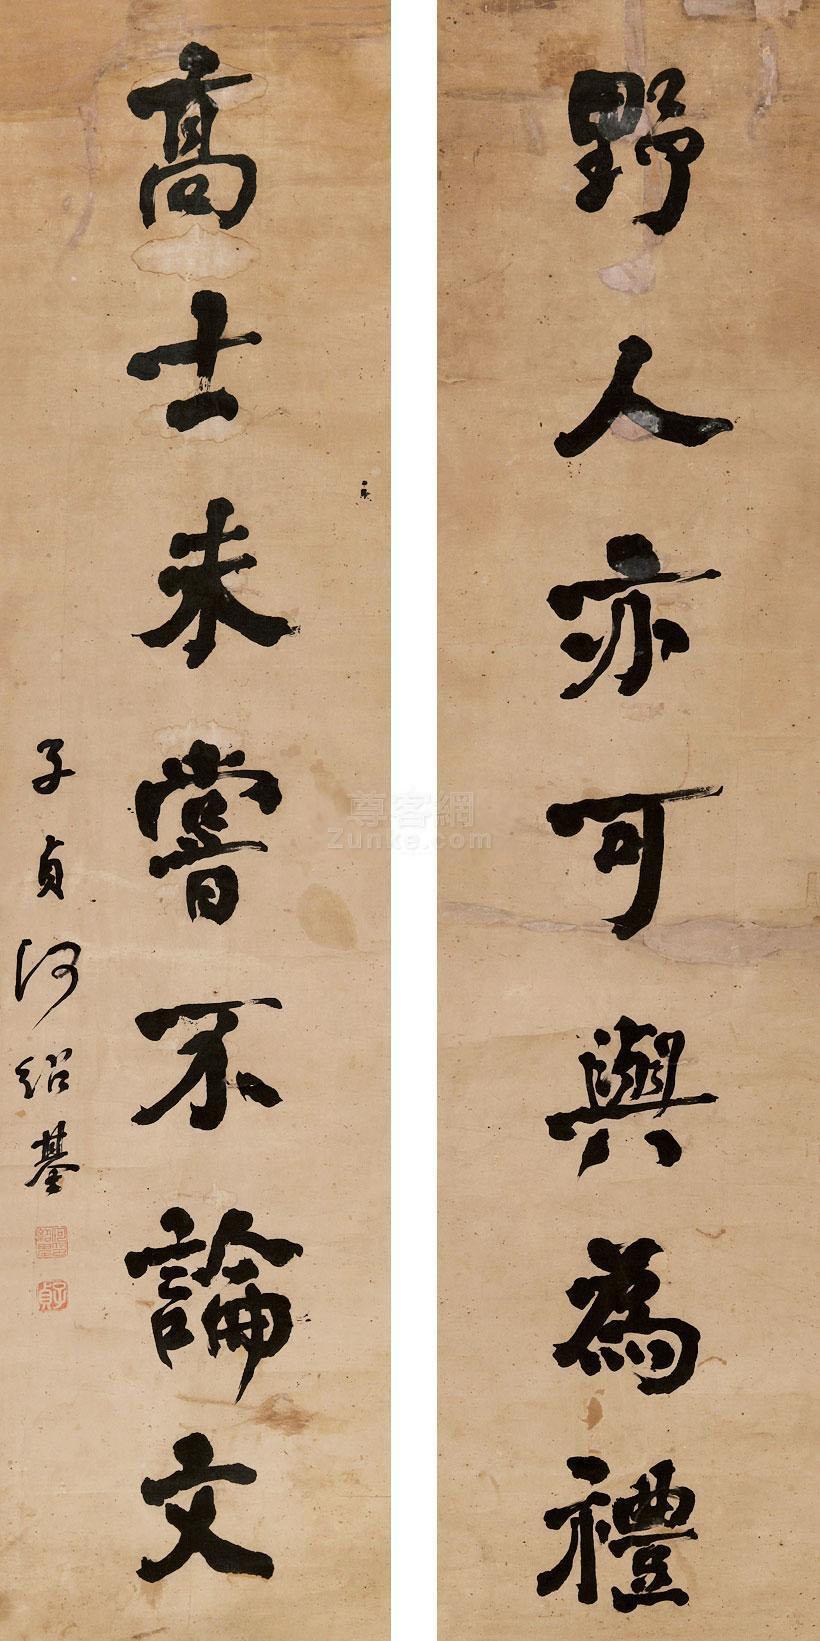 何绍基 行书七言联 屏轴 纸本作品欣赏